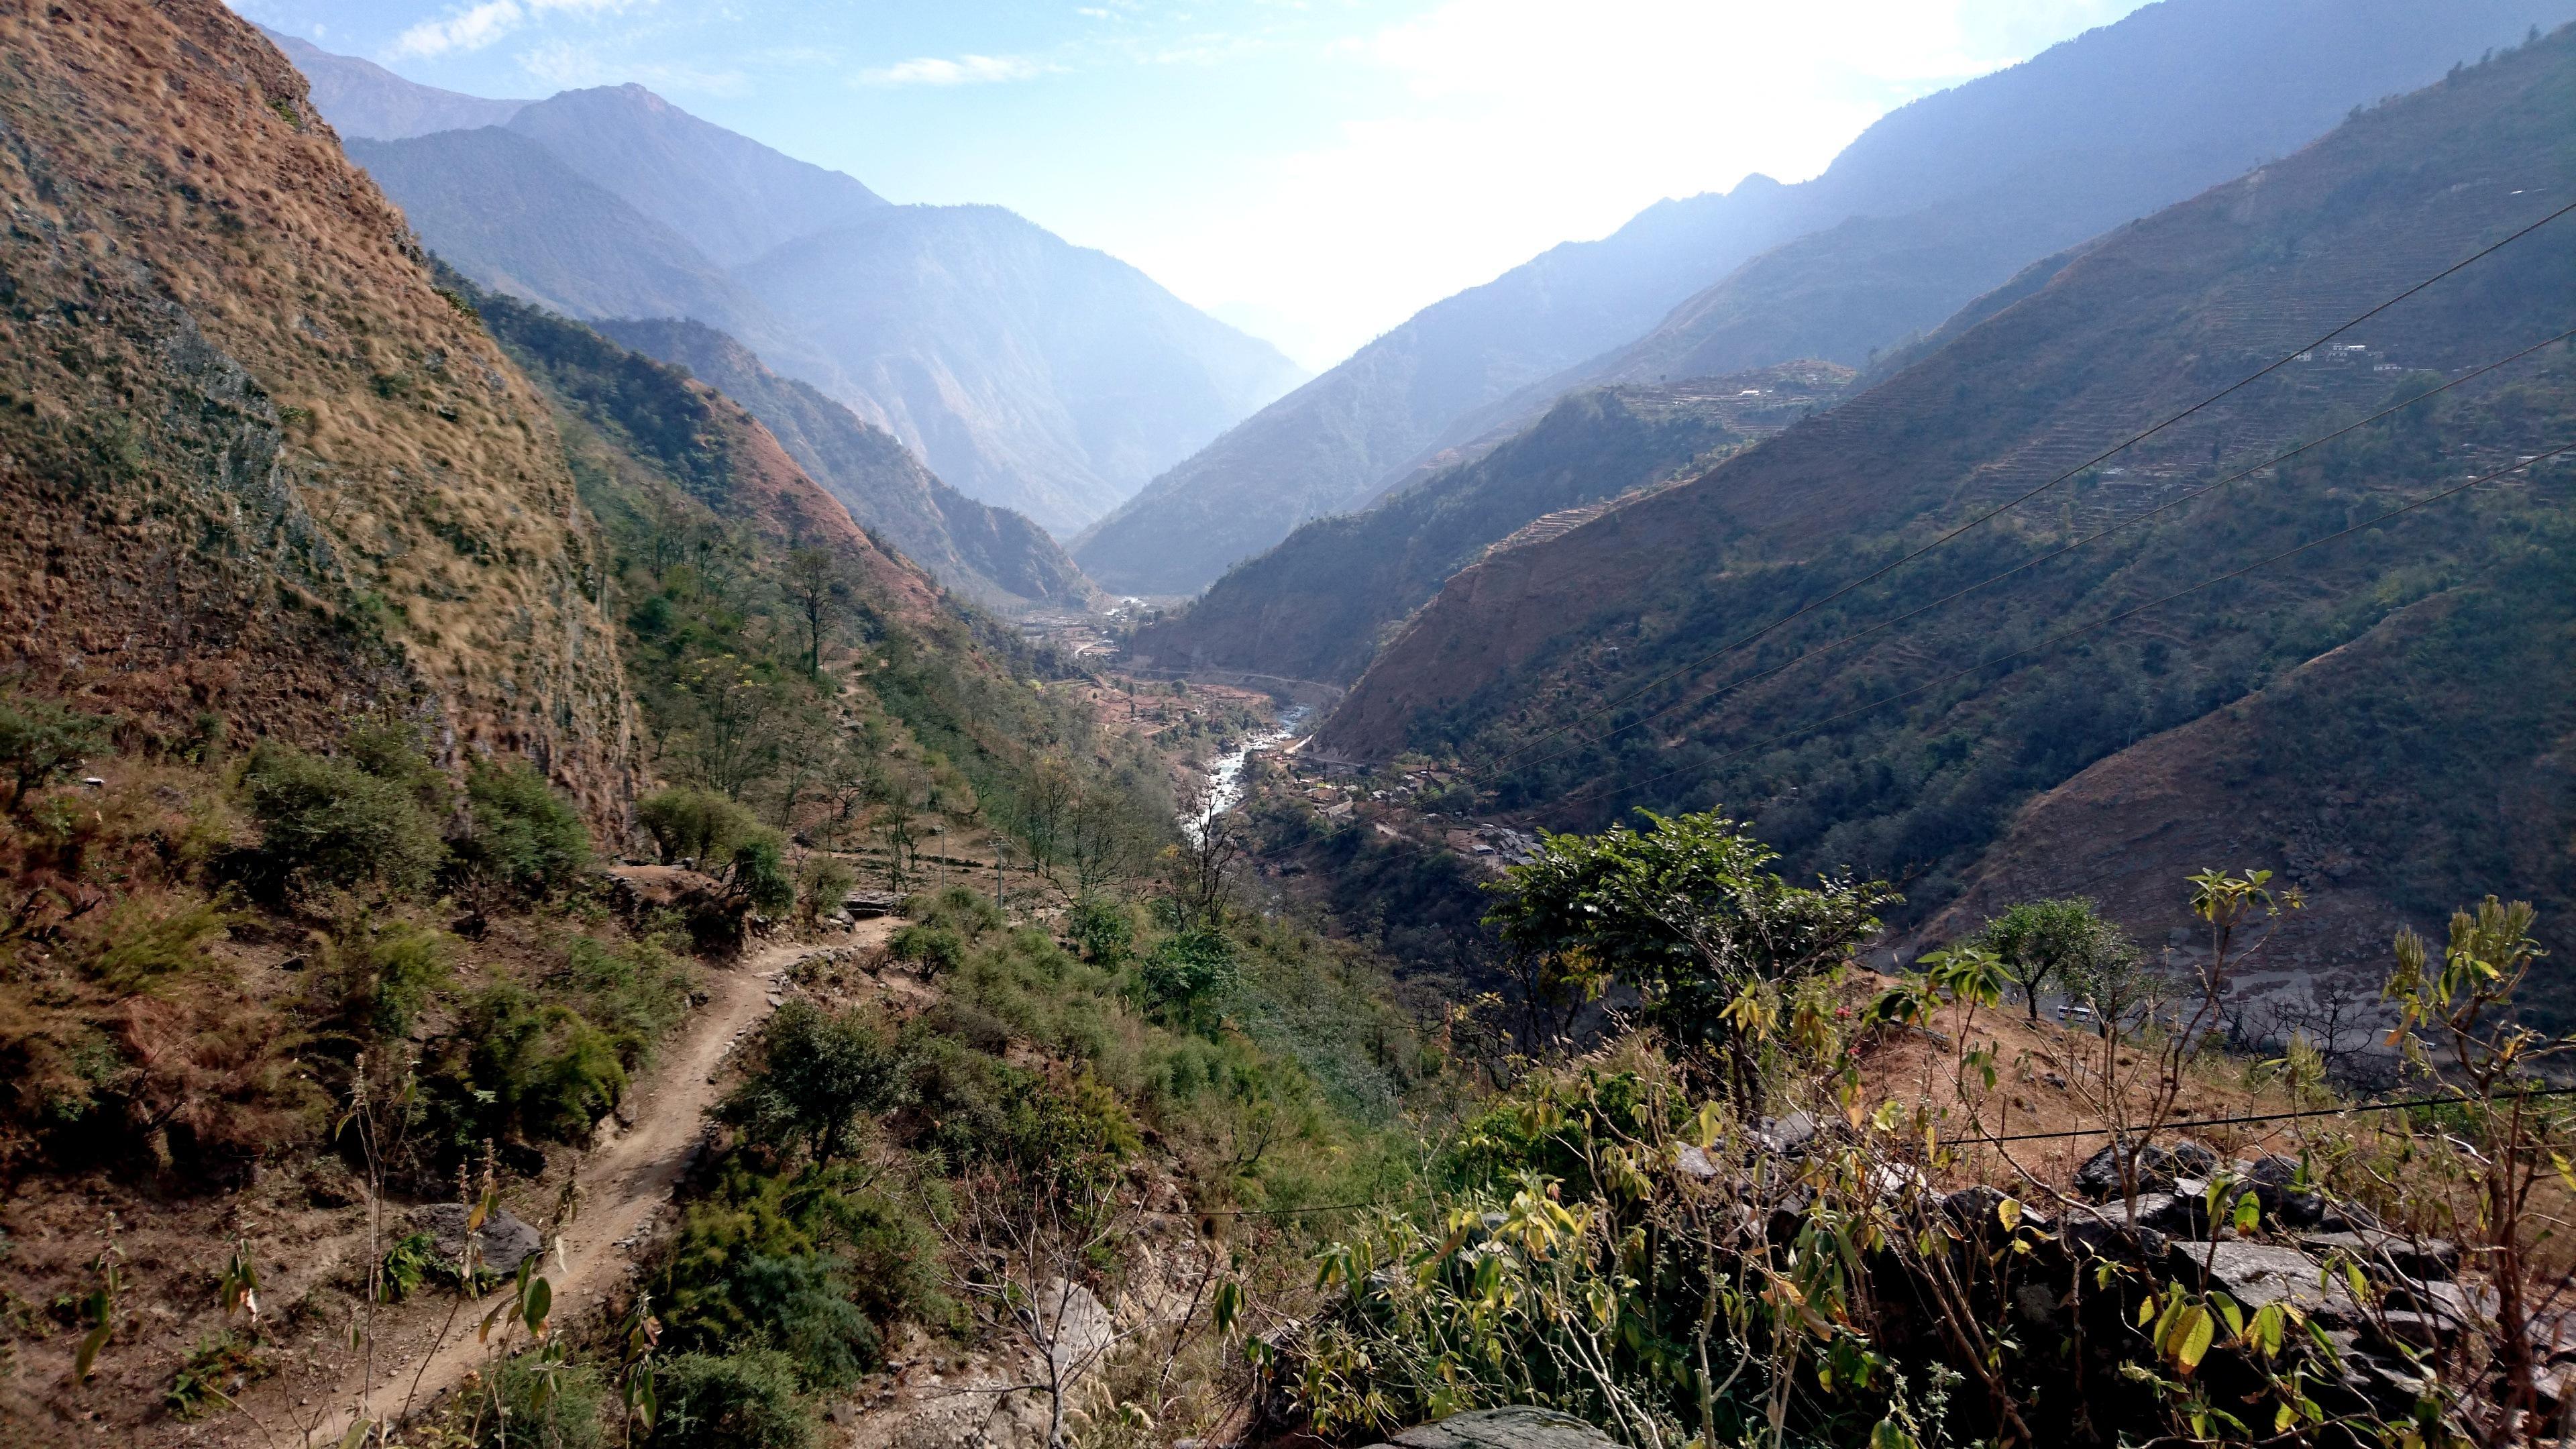 la valle del Kali Gandaki